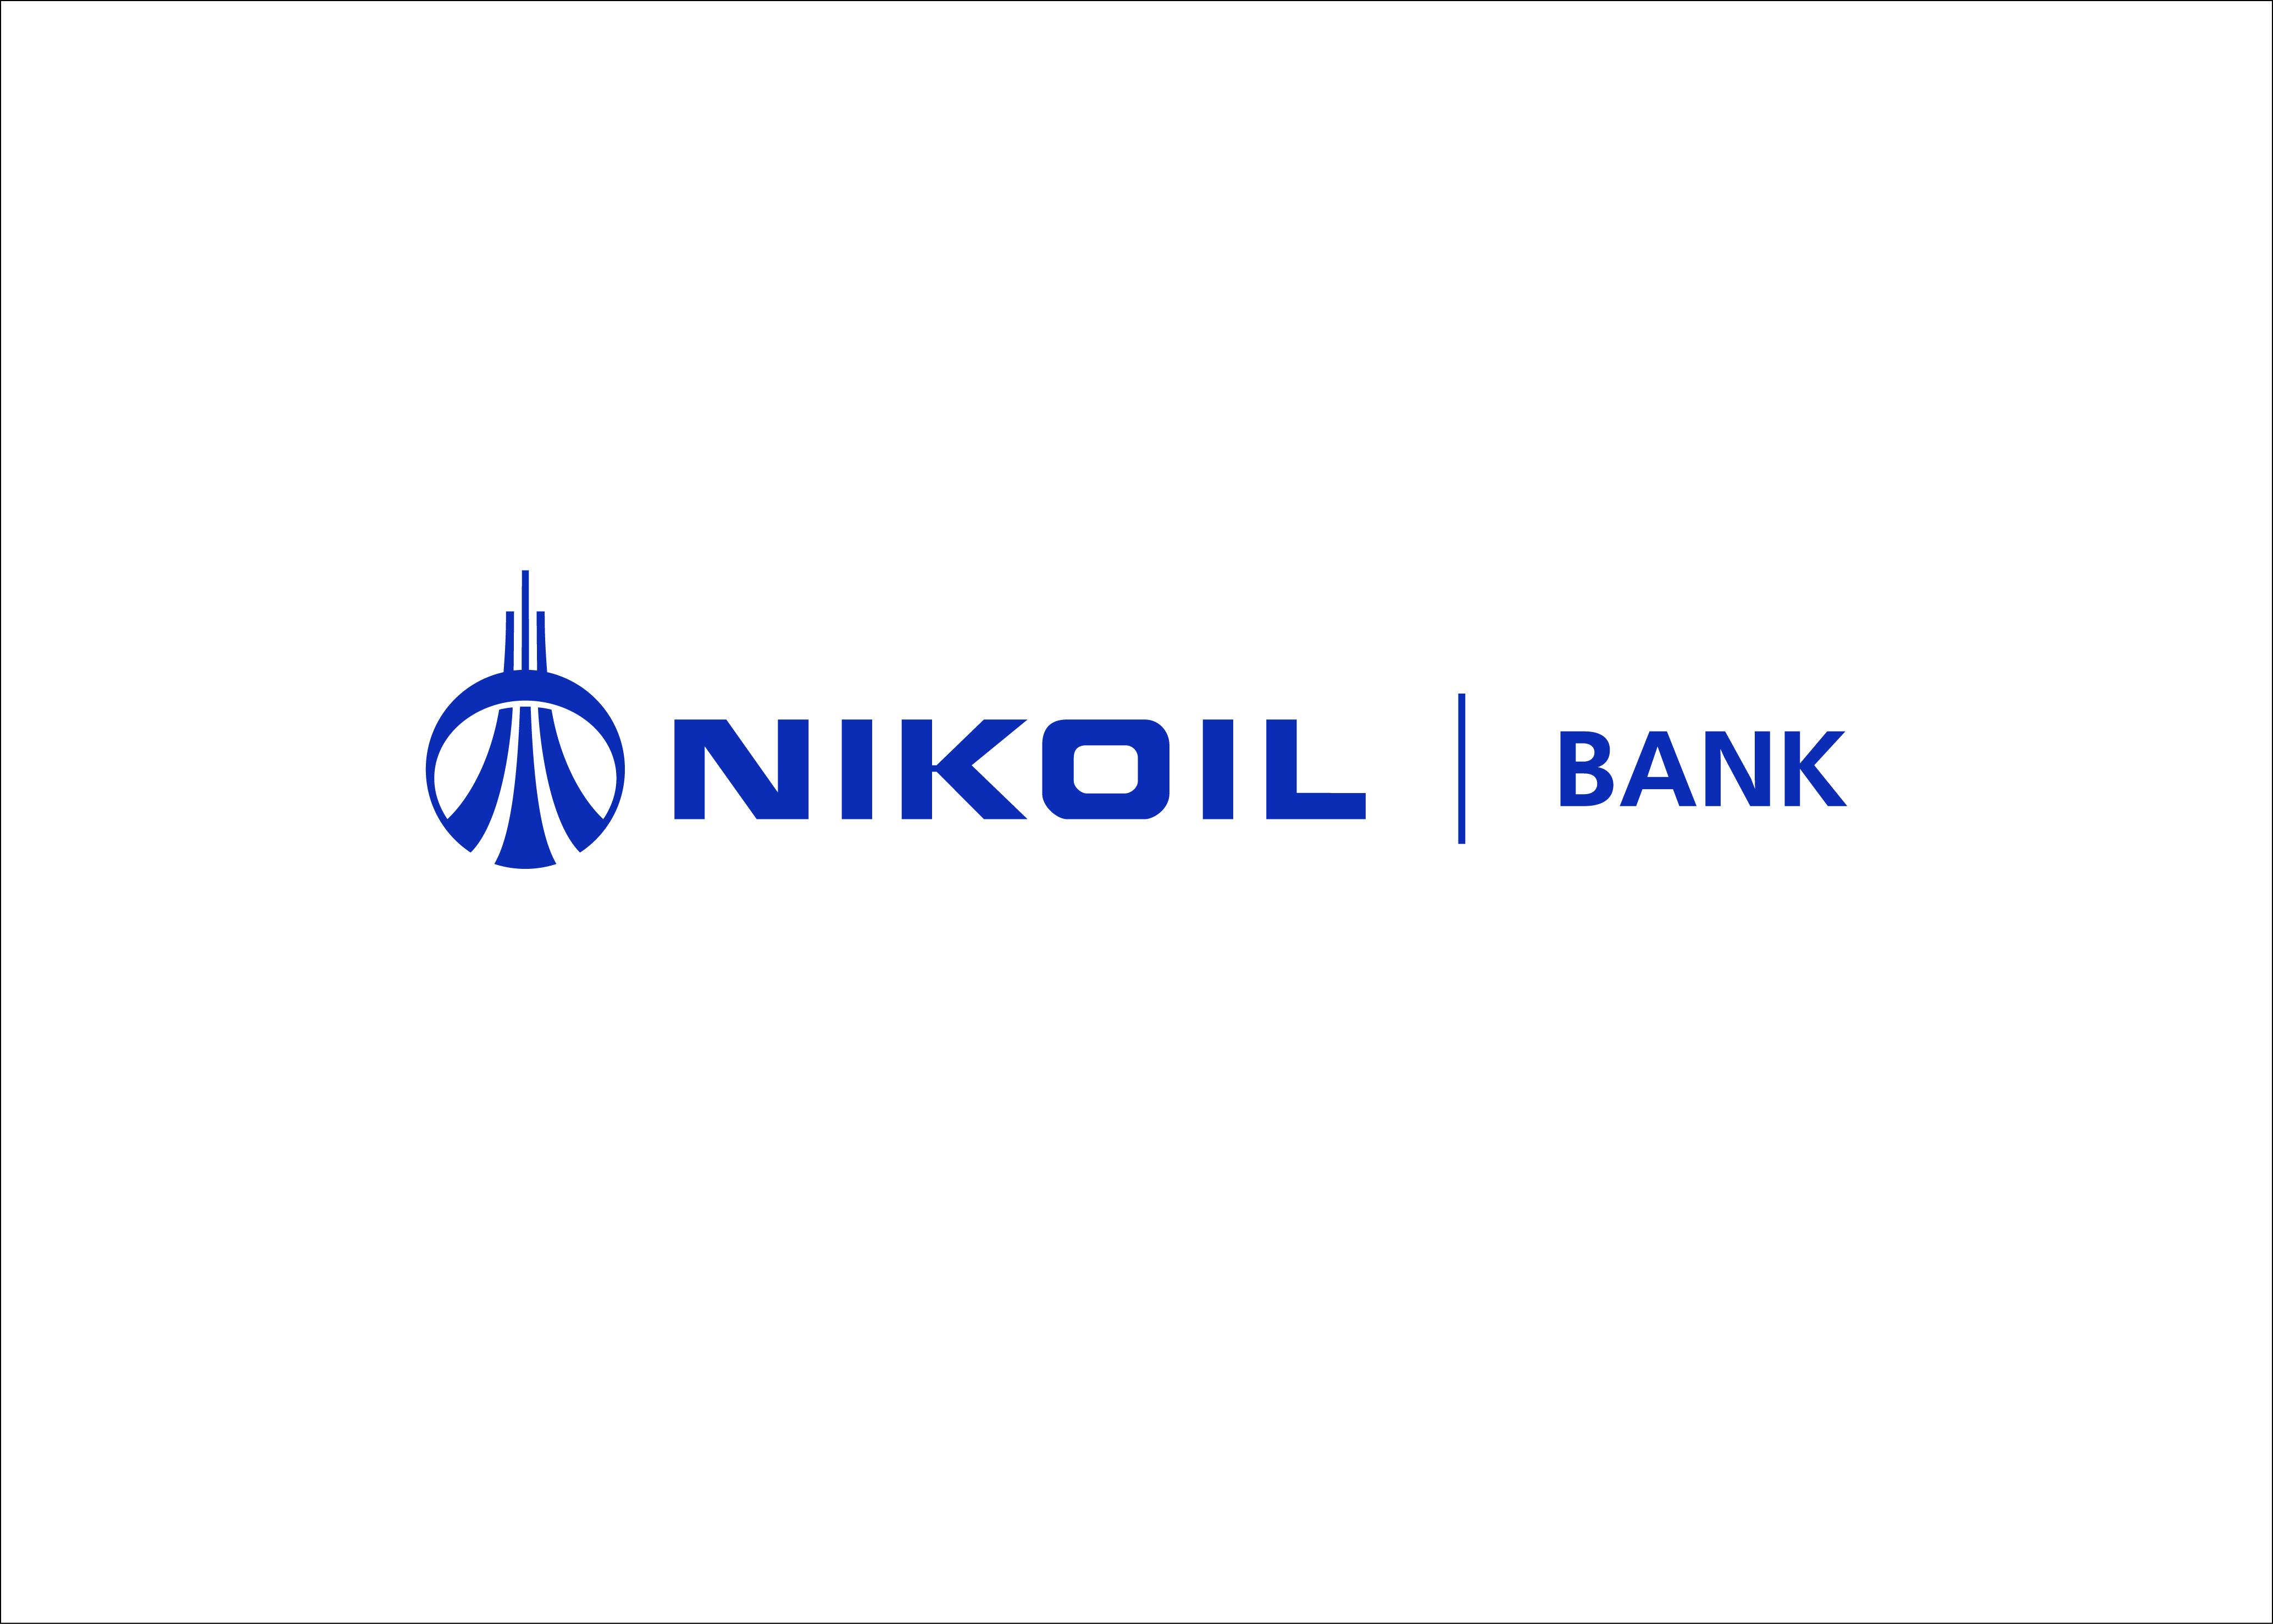 Картинки логотипы для рабочего стола внешнем облике